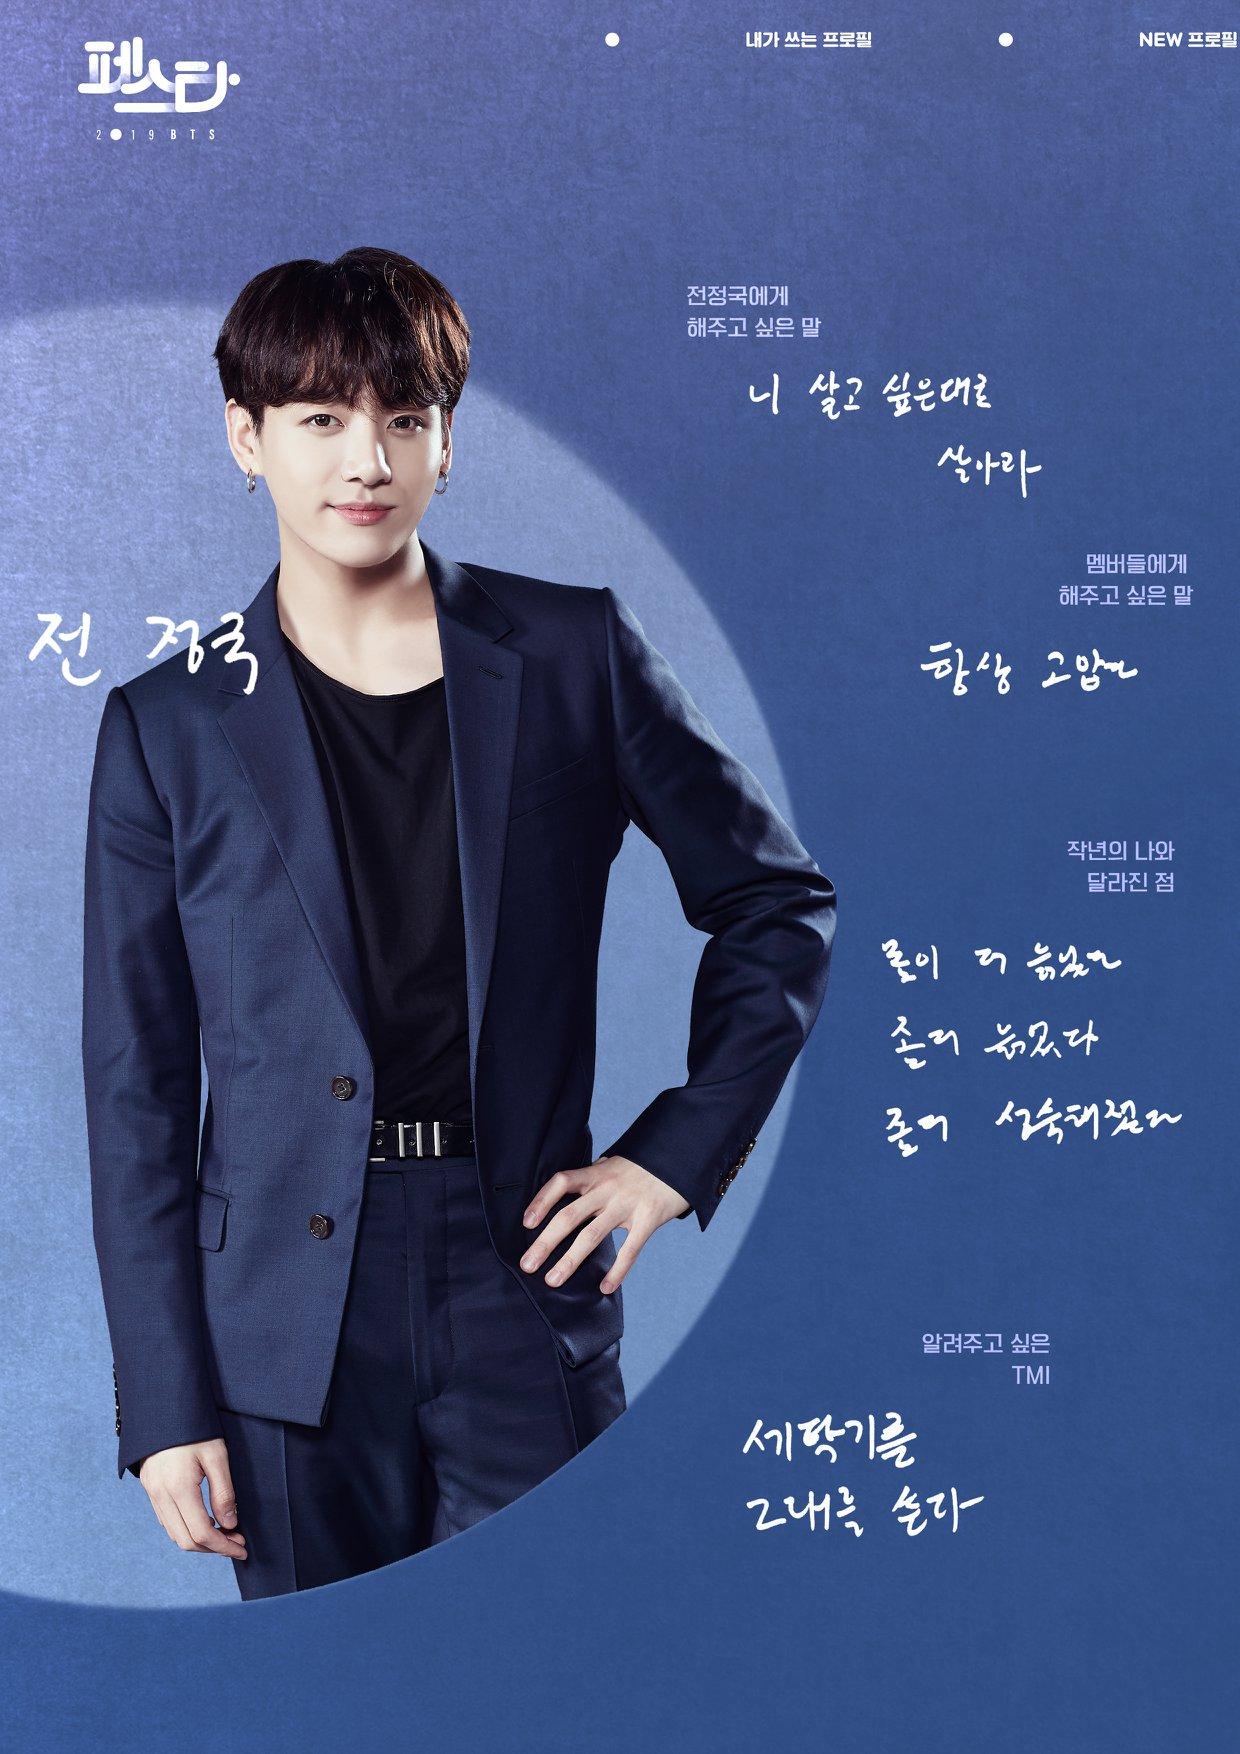 BTS Jungkook Profile 2019